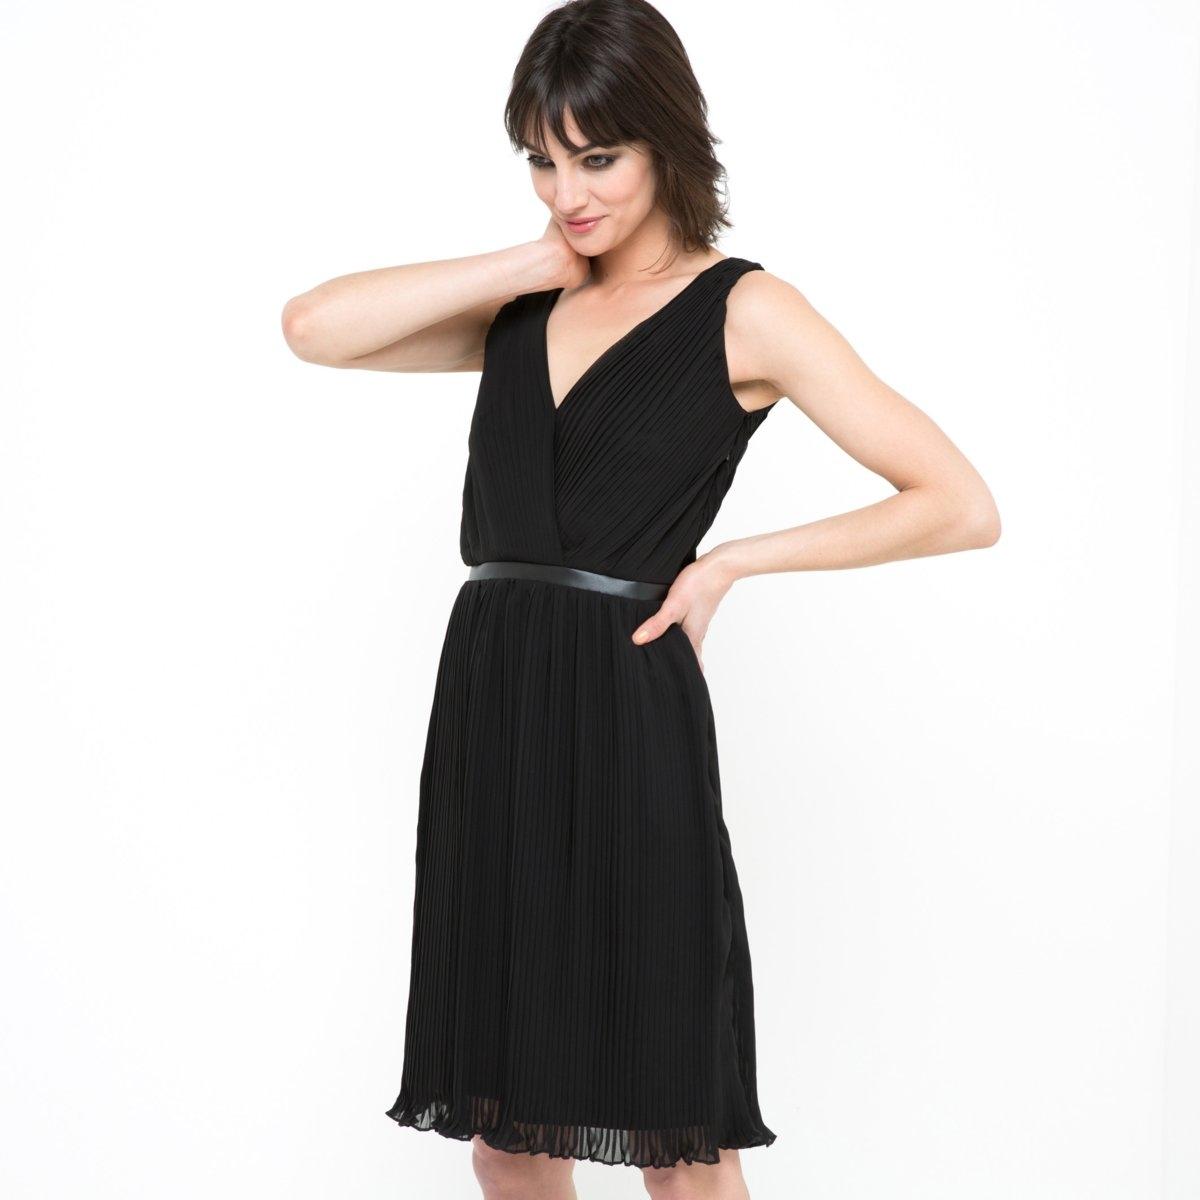 Платье из вуалиПлатье из вуали, 100% полиэстера. Подкладка из полиэстера. V-образный вырез с запахом спереди и сзади. Без рукавов. Пояс на талии, эластичная вставка сзади. Длина ок.92 см.<br><br>Цвет: черный<br>Размер: 34 (FR) - 40 (RUS)